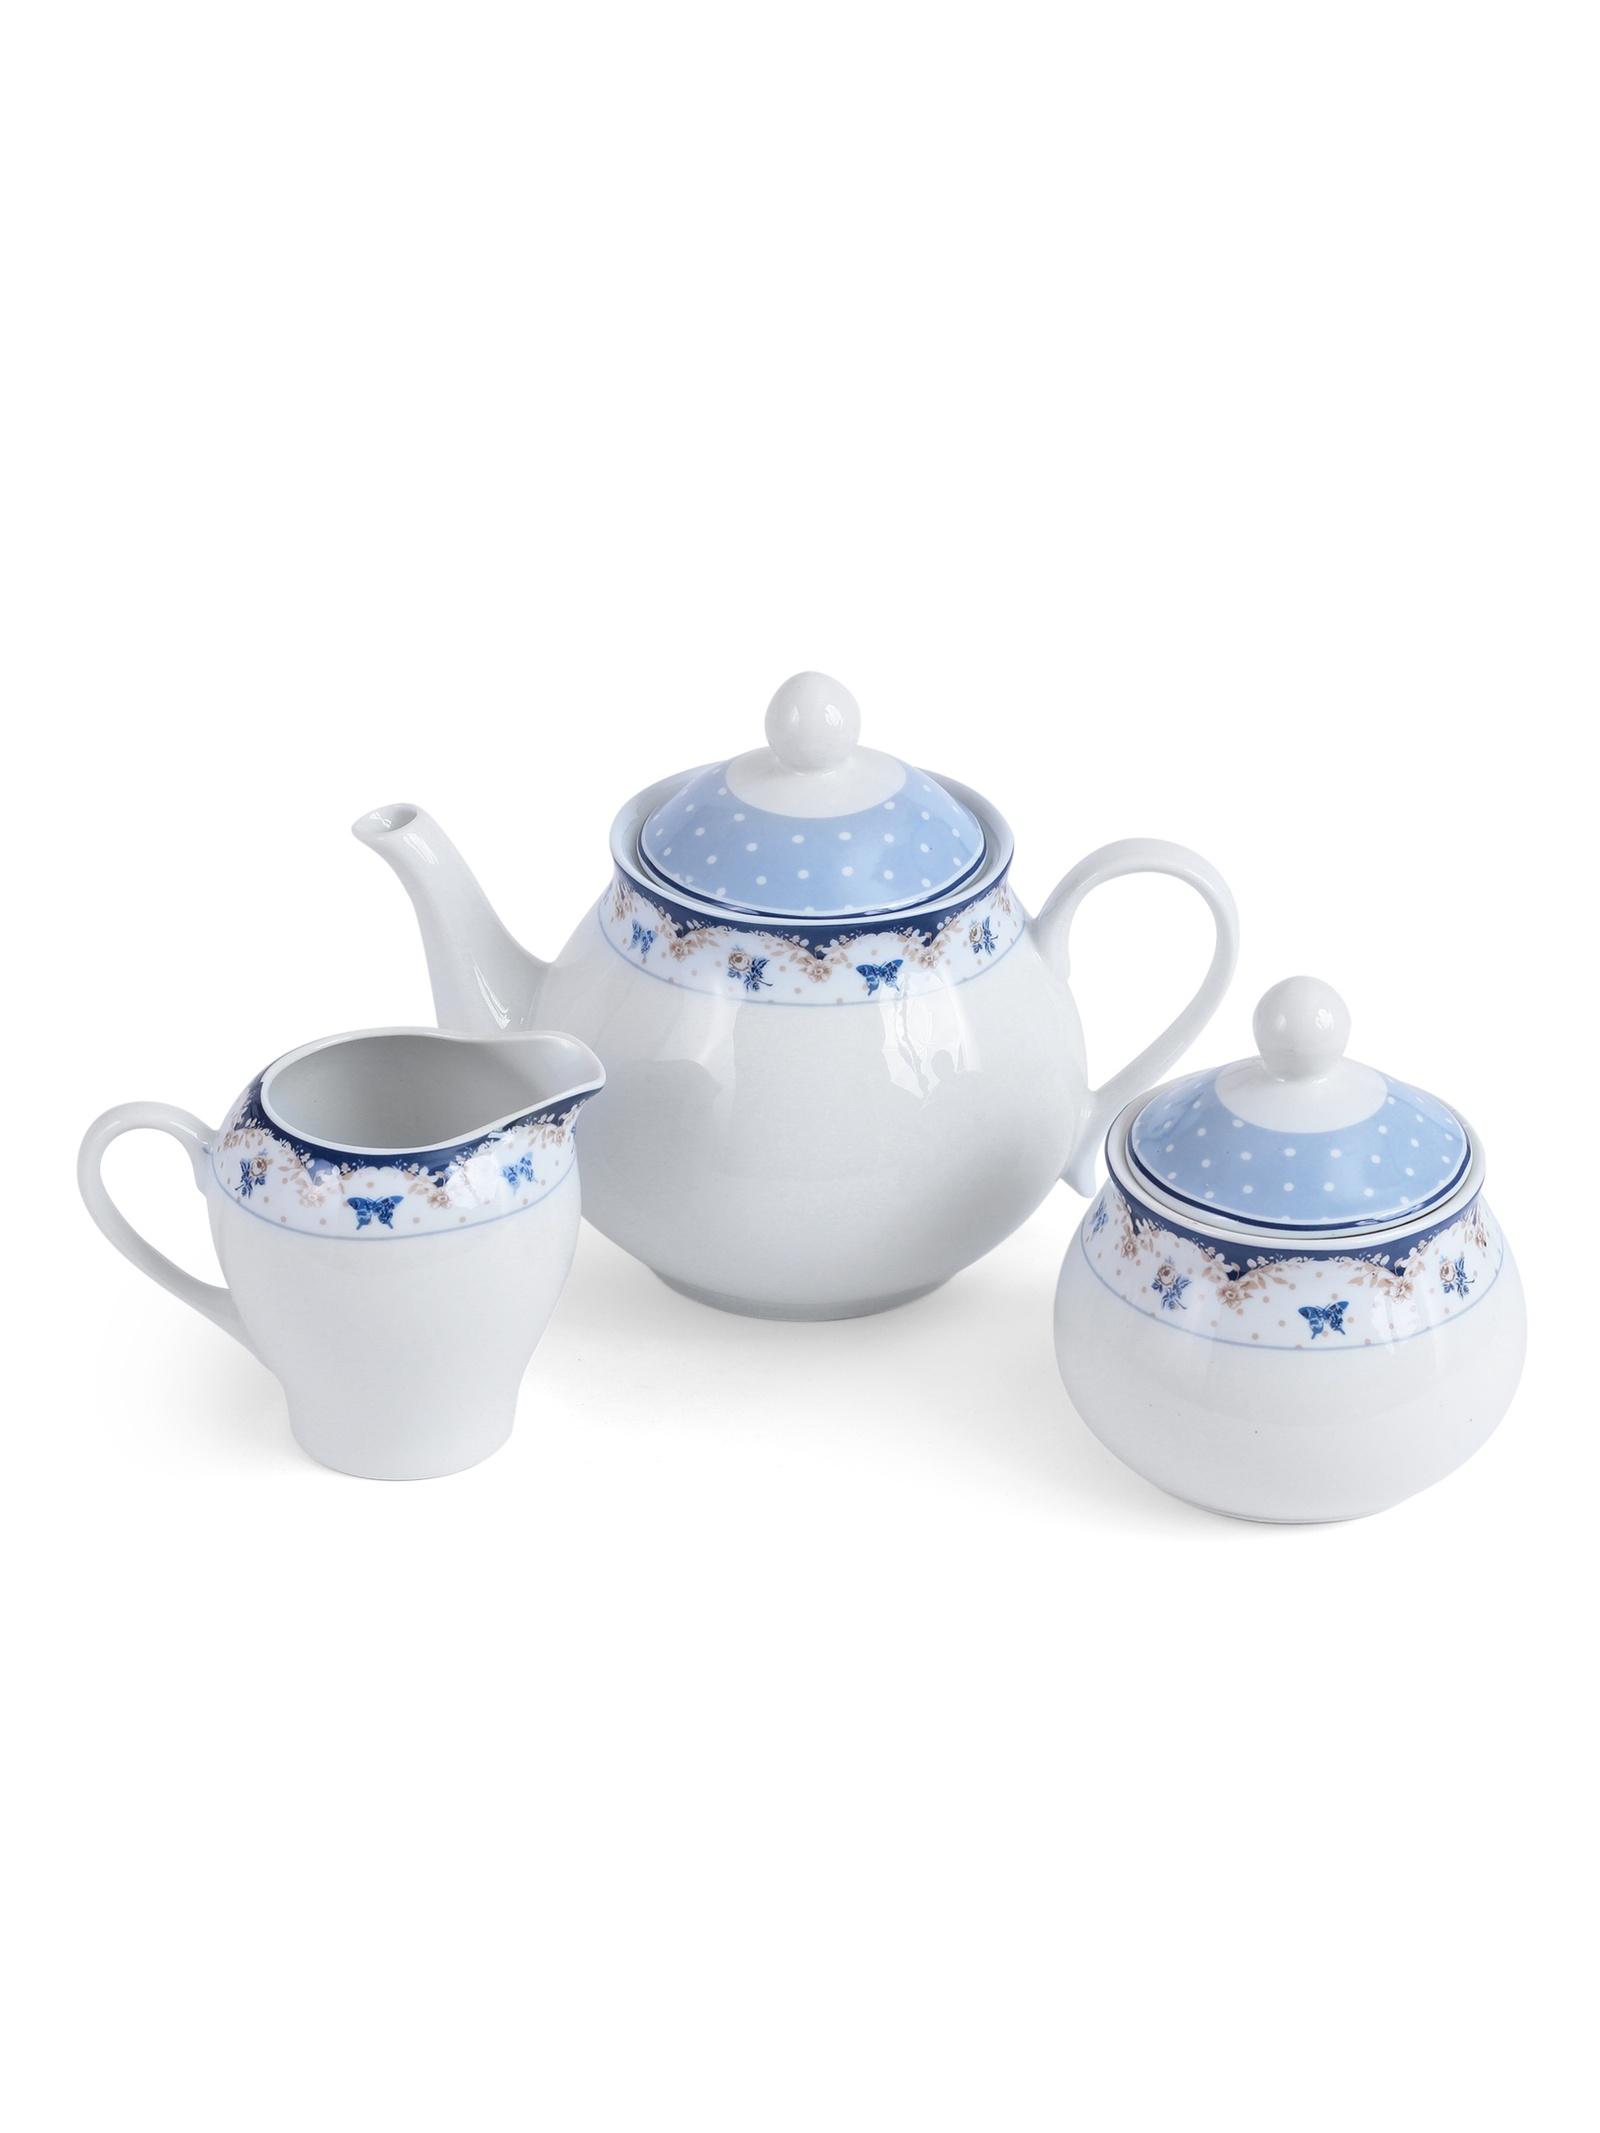 Набор чайный JEWEL Мариэтта 15 предметов (фарфор), 4 шт/уп nouvelle набор чашек кошки 230 мл